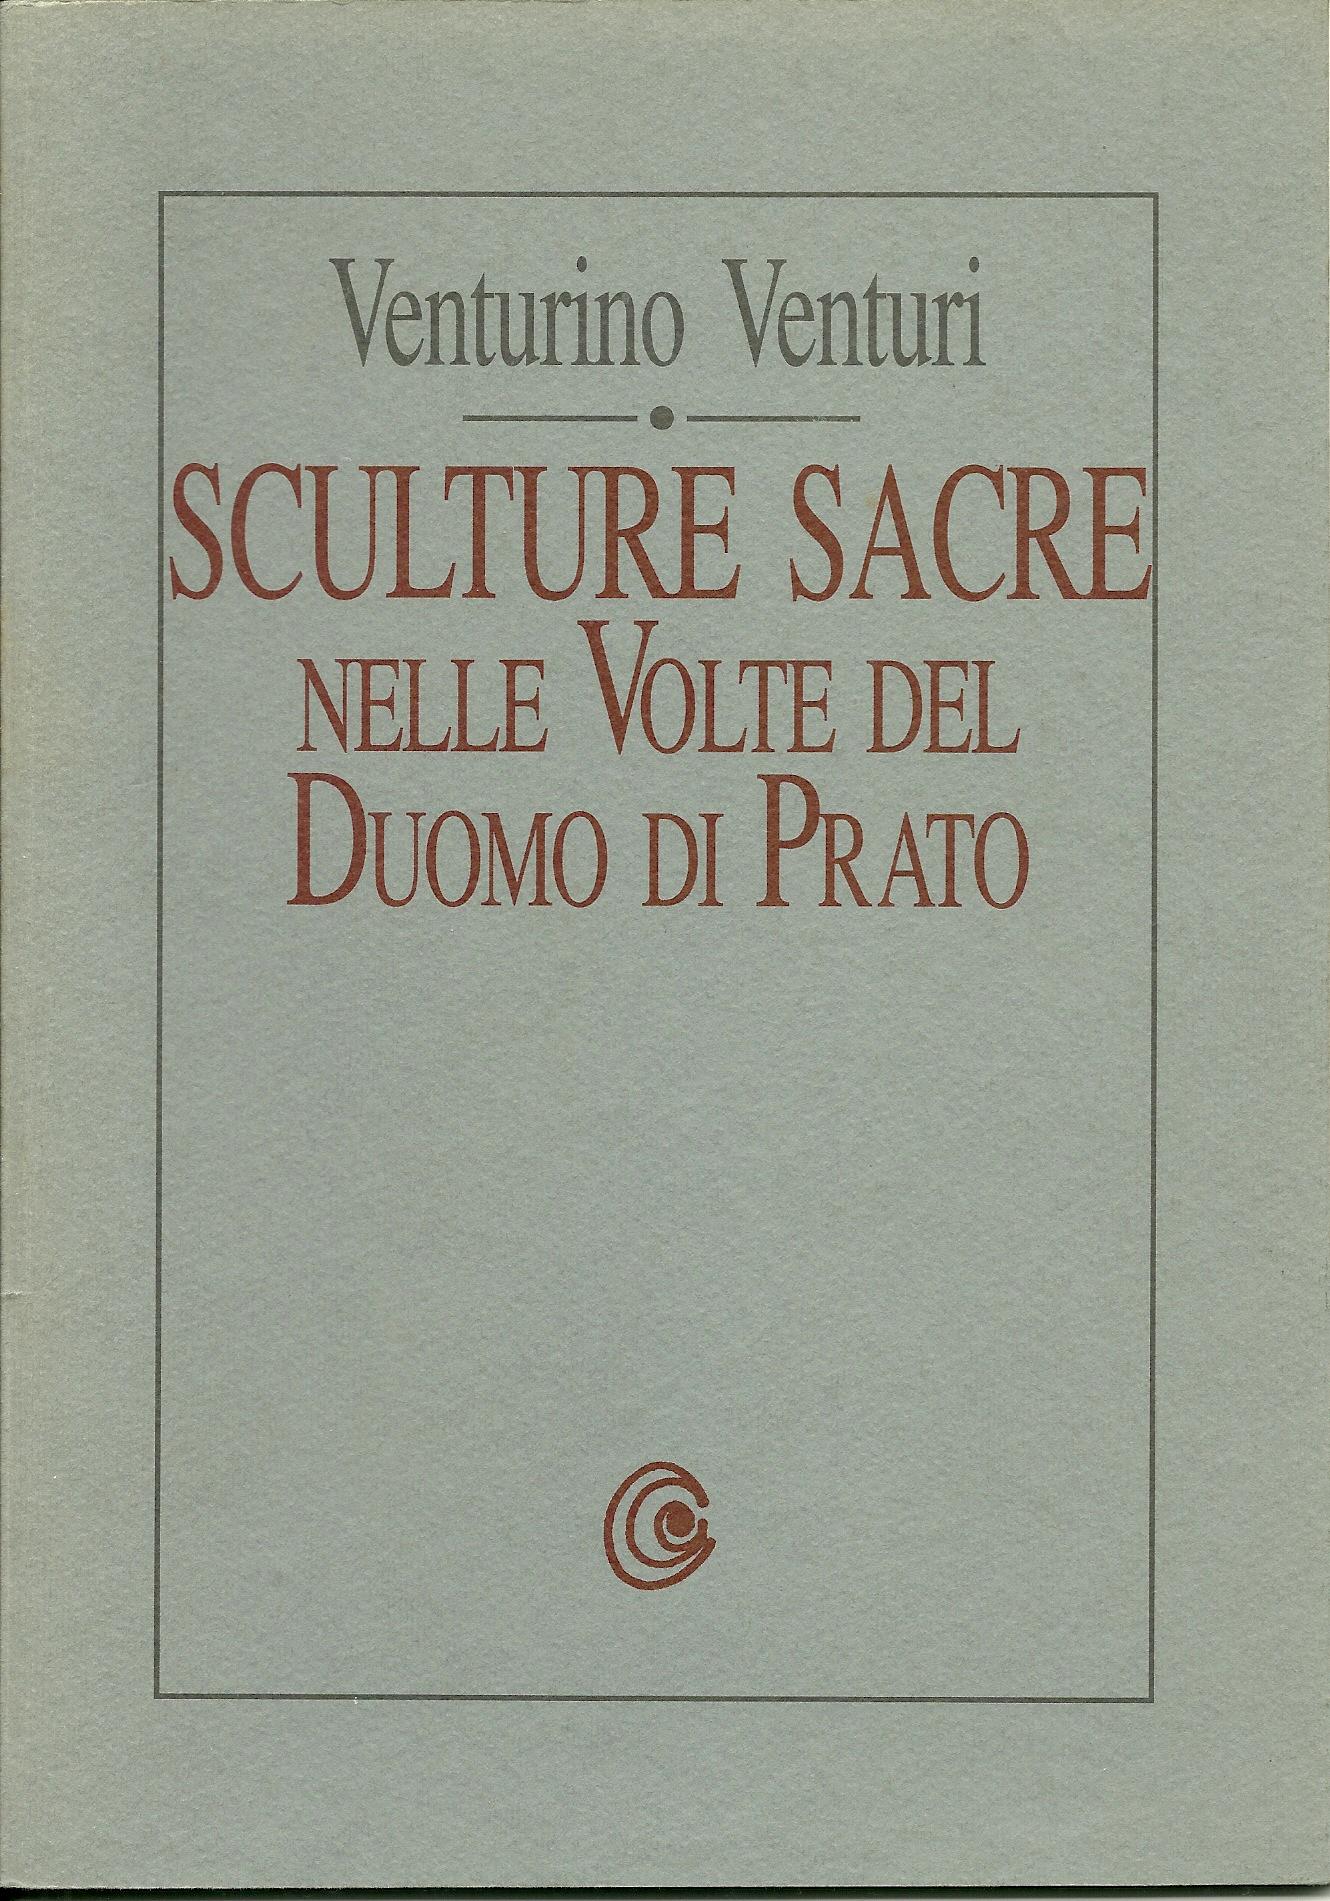 Venturino Venturi: sculture sacre nelle volte del Duomo di Prato